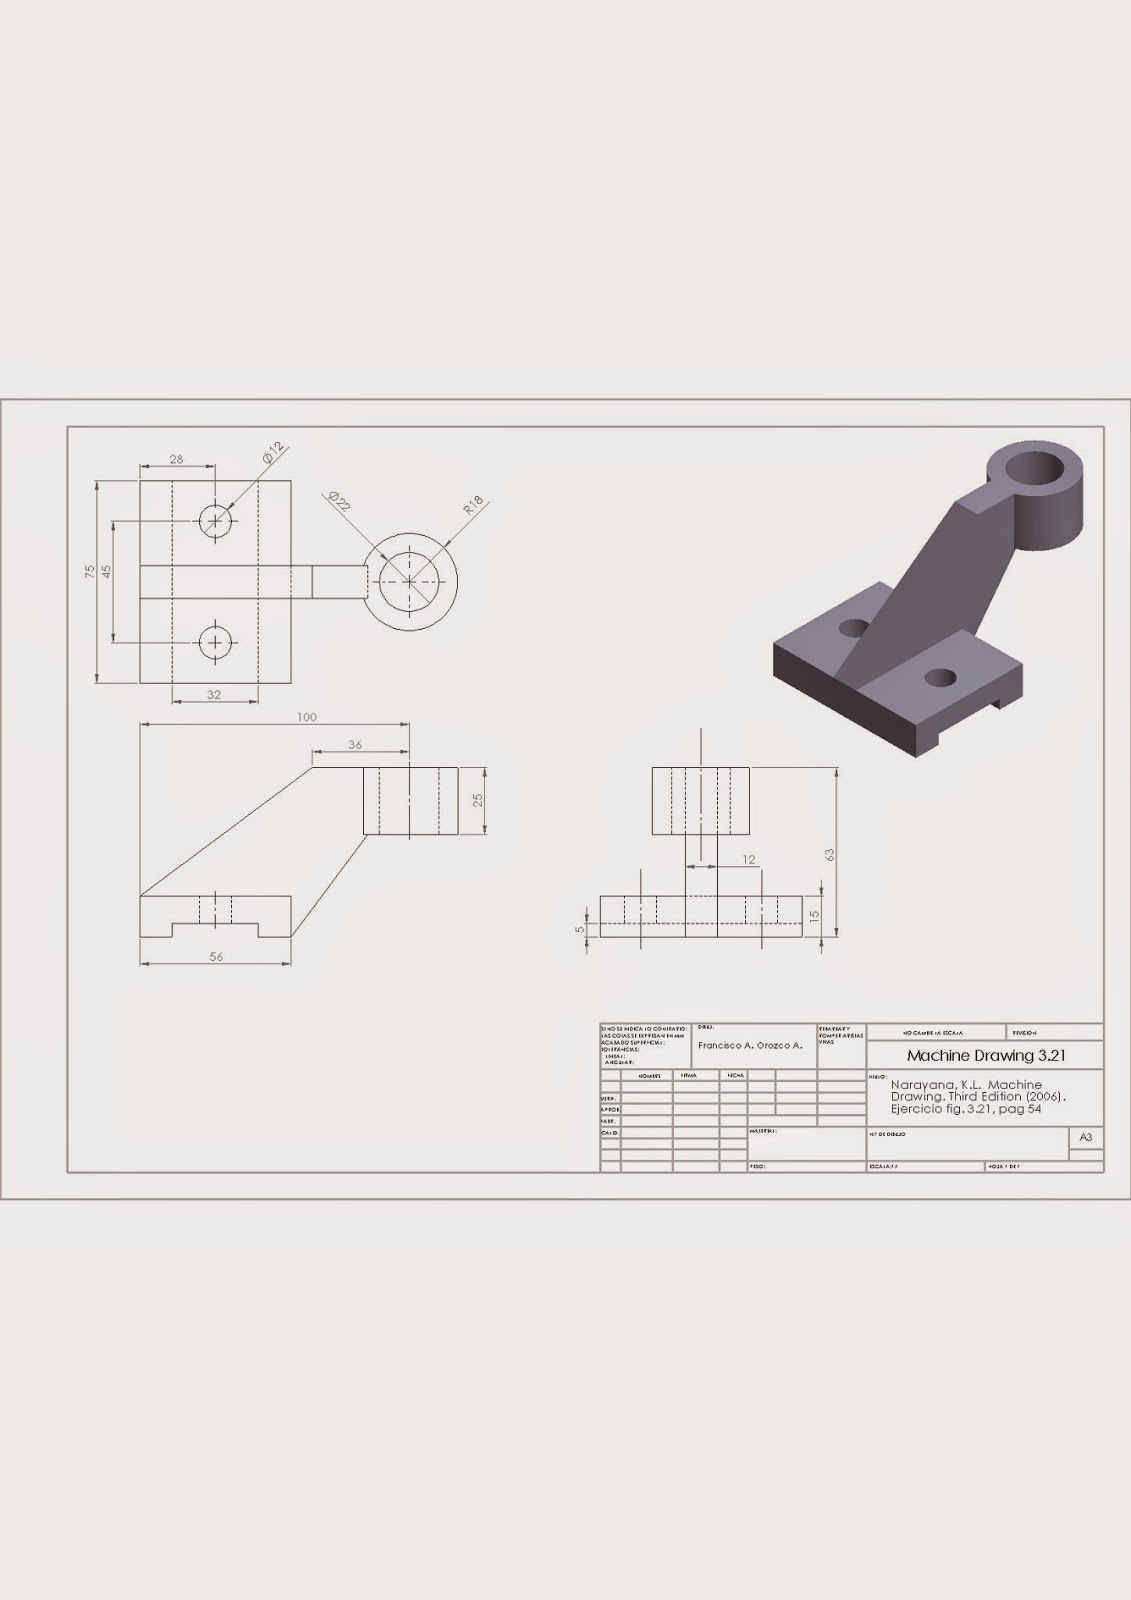 machine drawing by kl narayana pdf